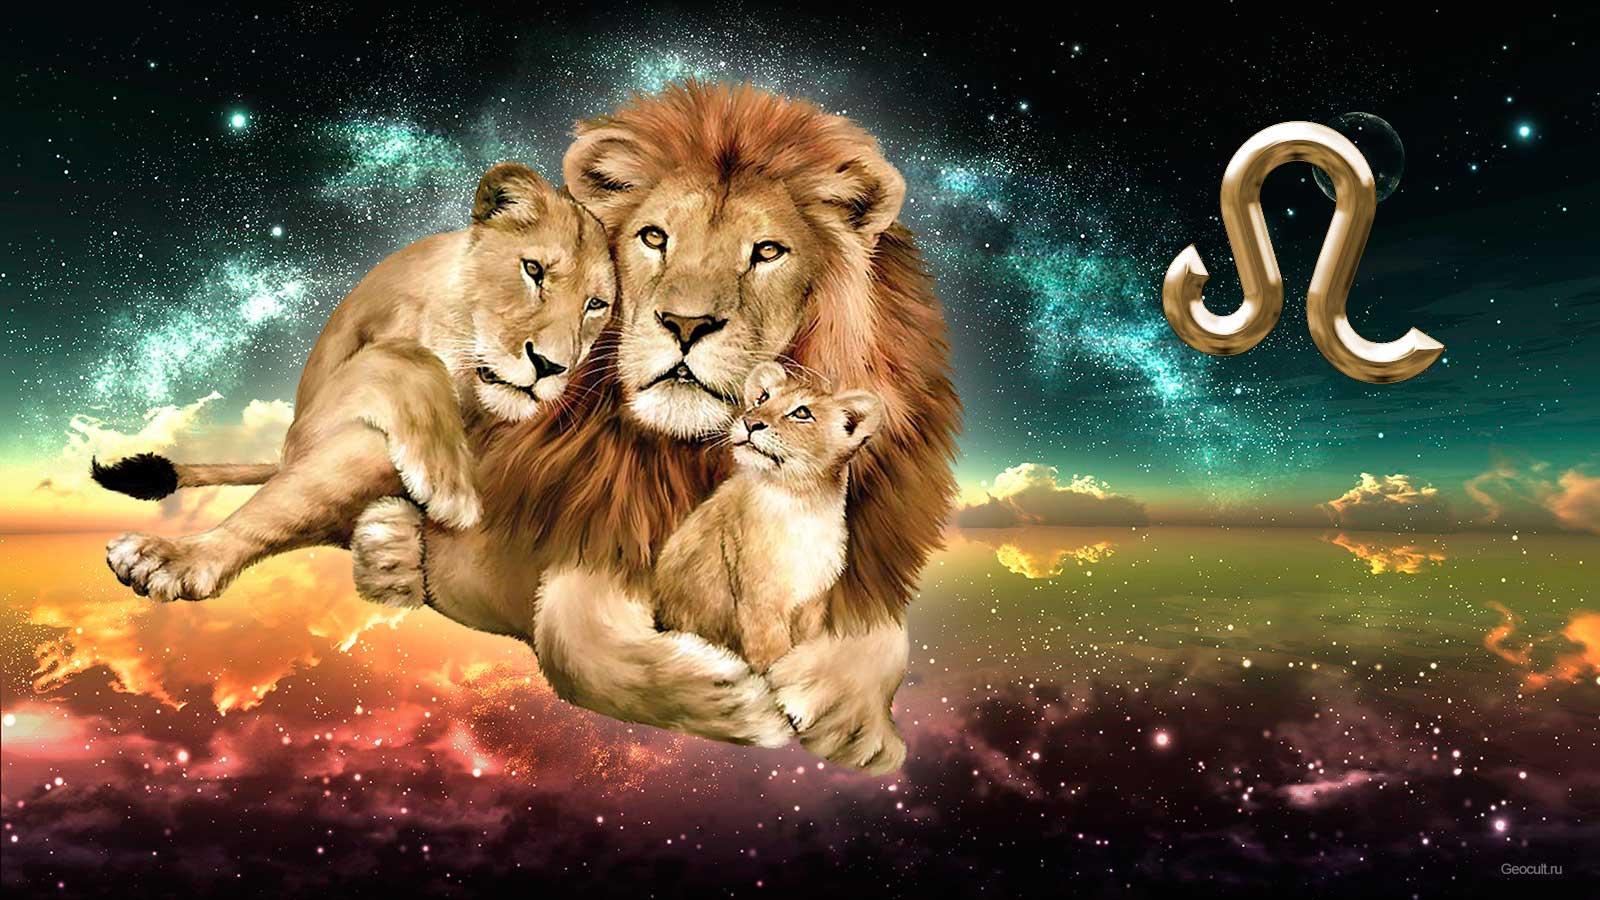 Поздравление с днем рождения женщине львице в стихах фото 656